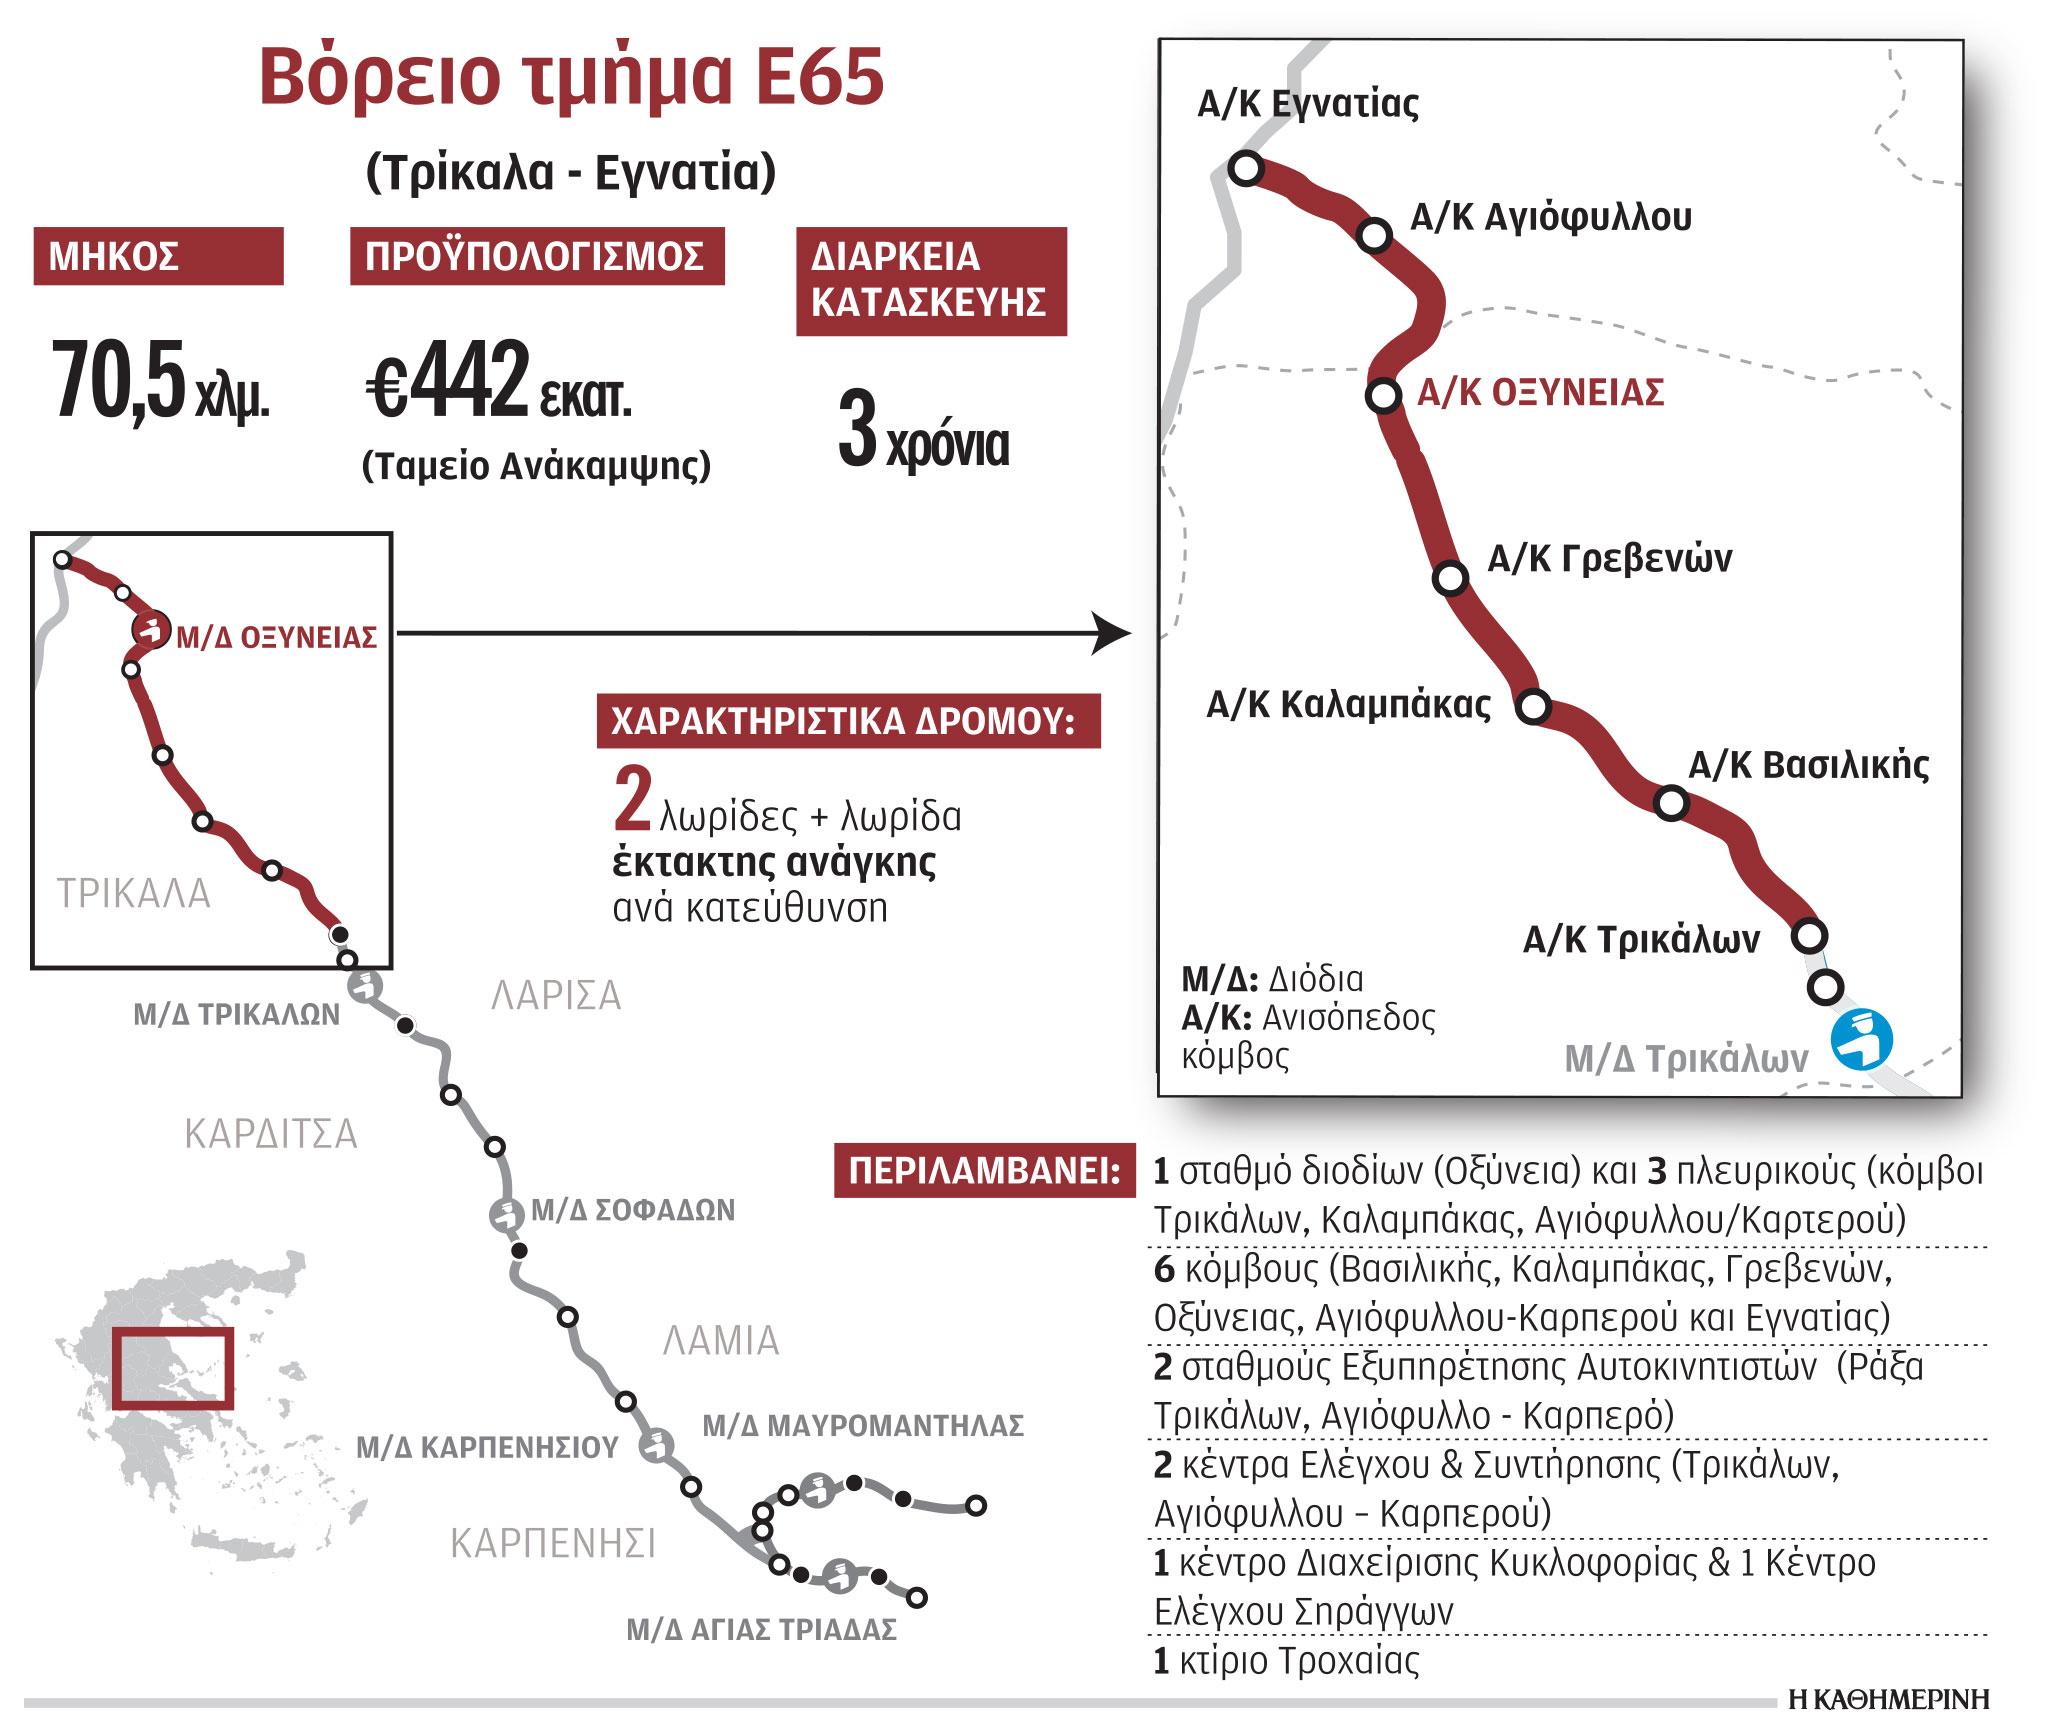 e65-xekinoyn-amesa-oi-ergasies-gia-ta-teleytaia-70-chlm1